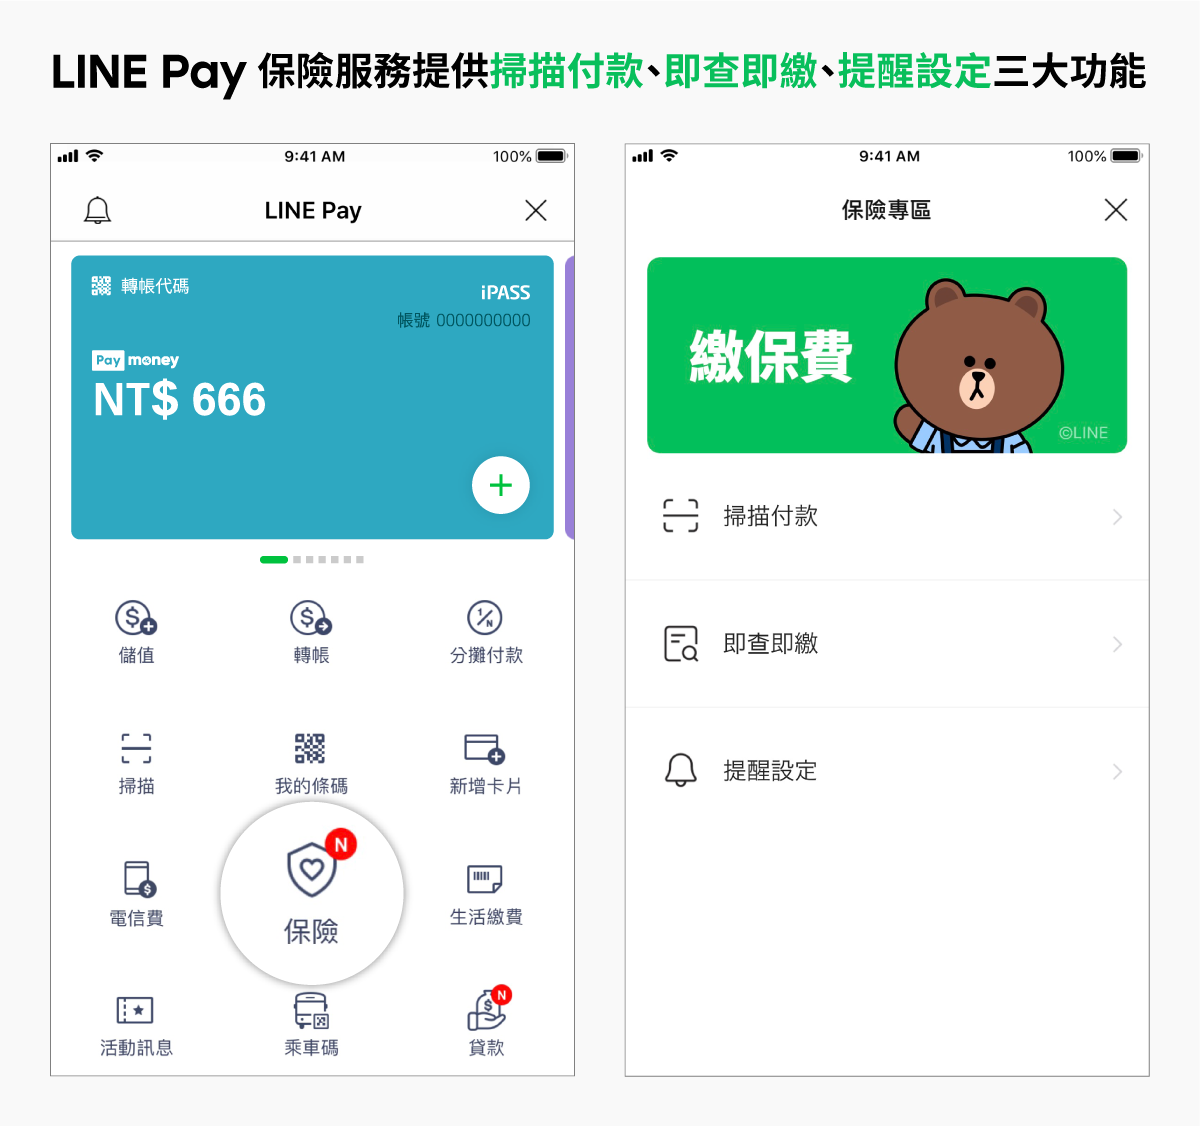 圖2_LINE Pay、一卡通攜手富邦產險 繳保費用LINE Pay Money輕鬆搞定